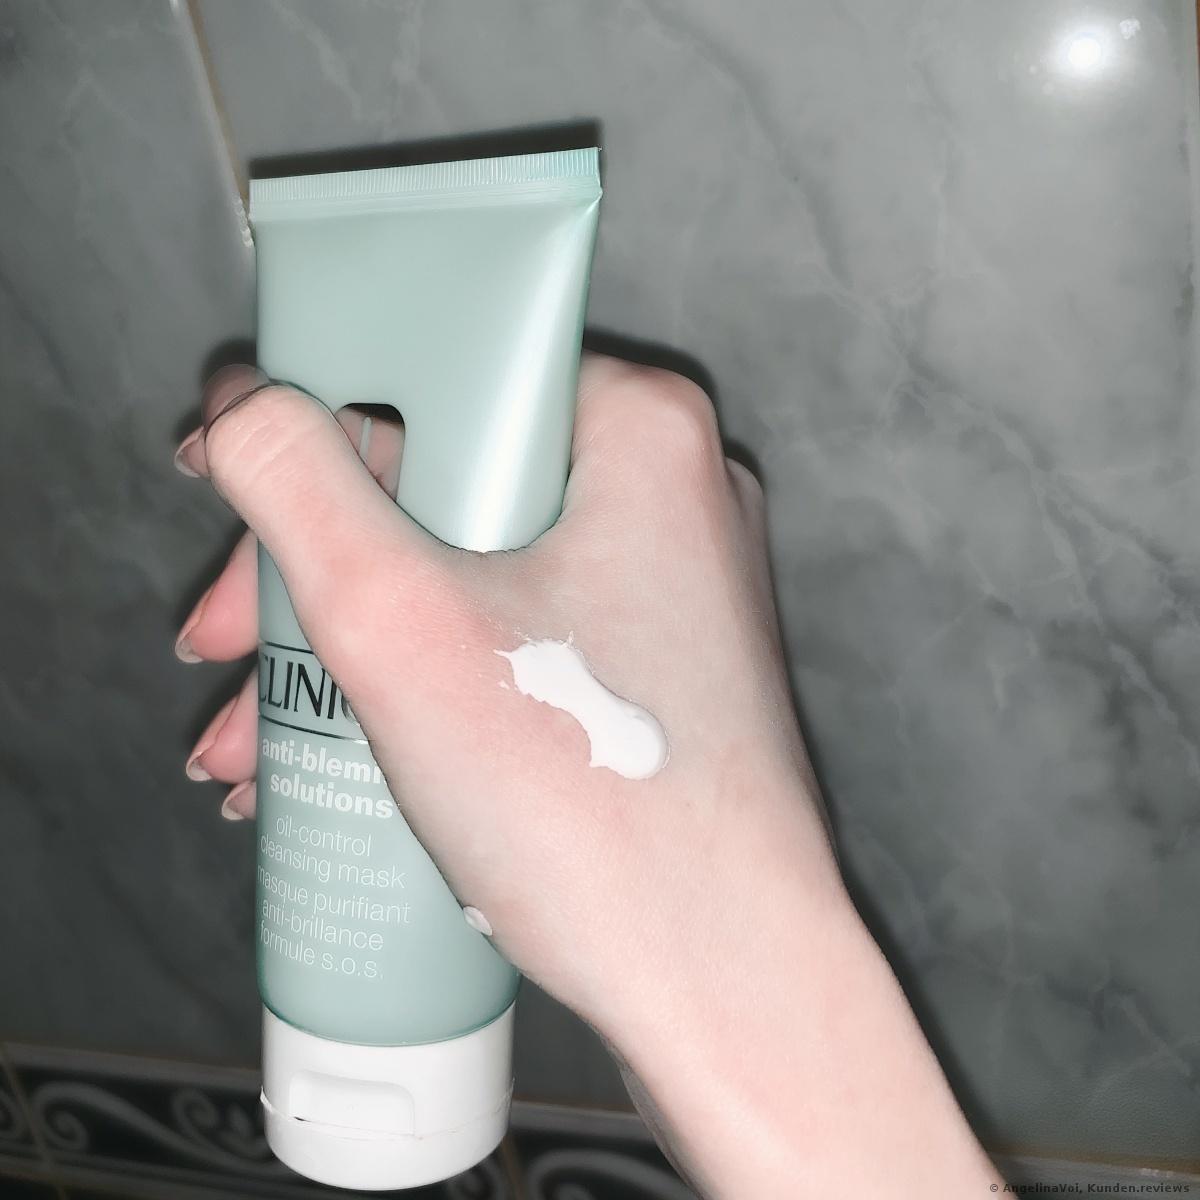 Anti-Blemish Solution Oil-Control Cleansing Maske von Clinique